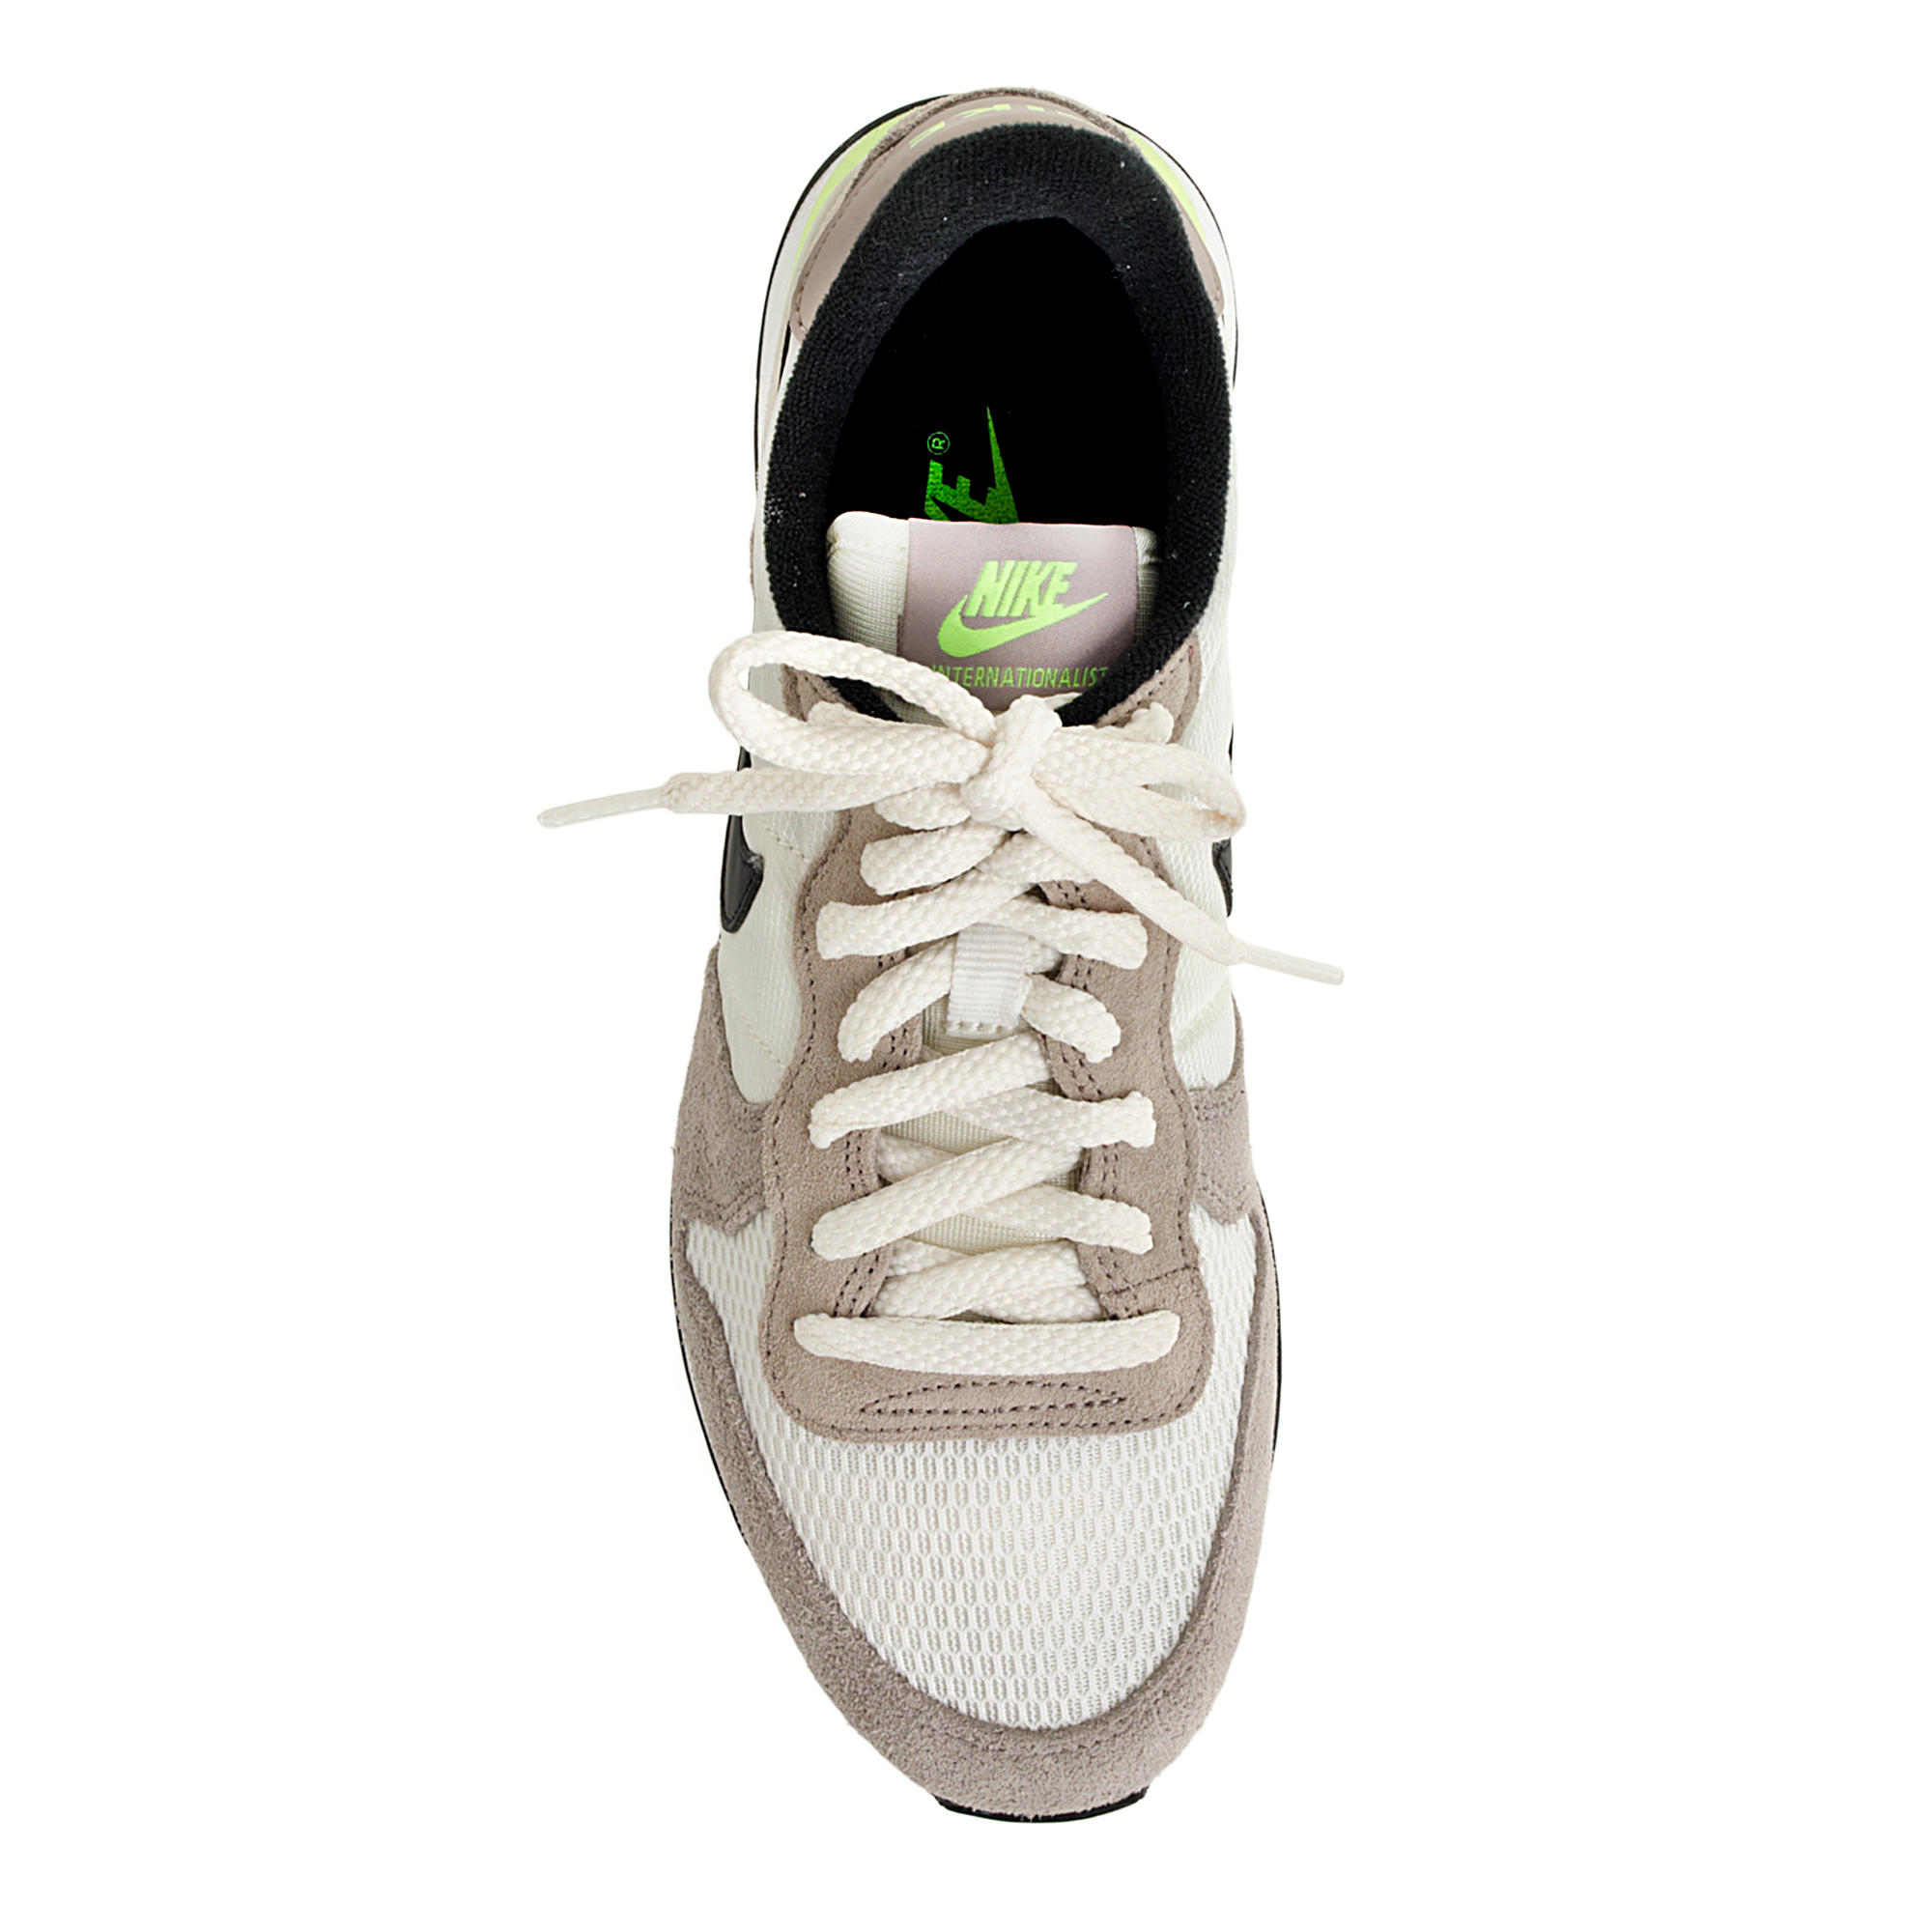 sports shoes 59b5e bbea0 ... Lyst - J.Crew Women s Nike Internationalist Sneakers in Brown ...